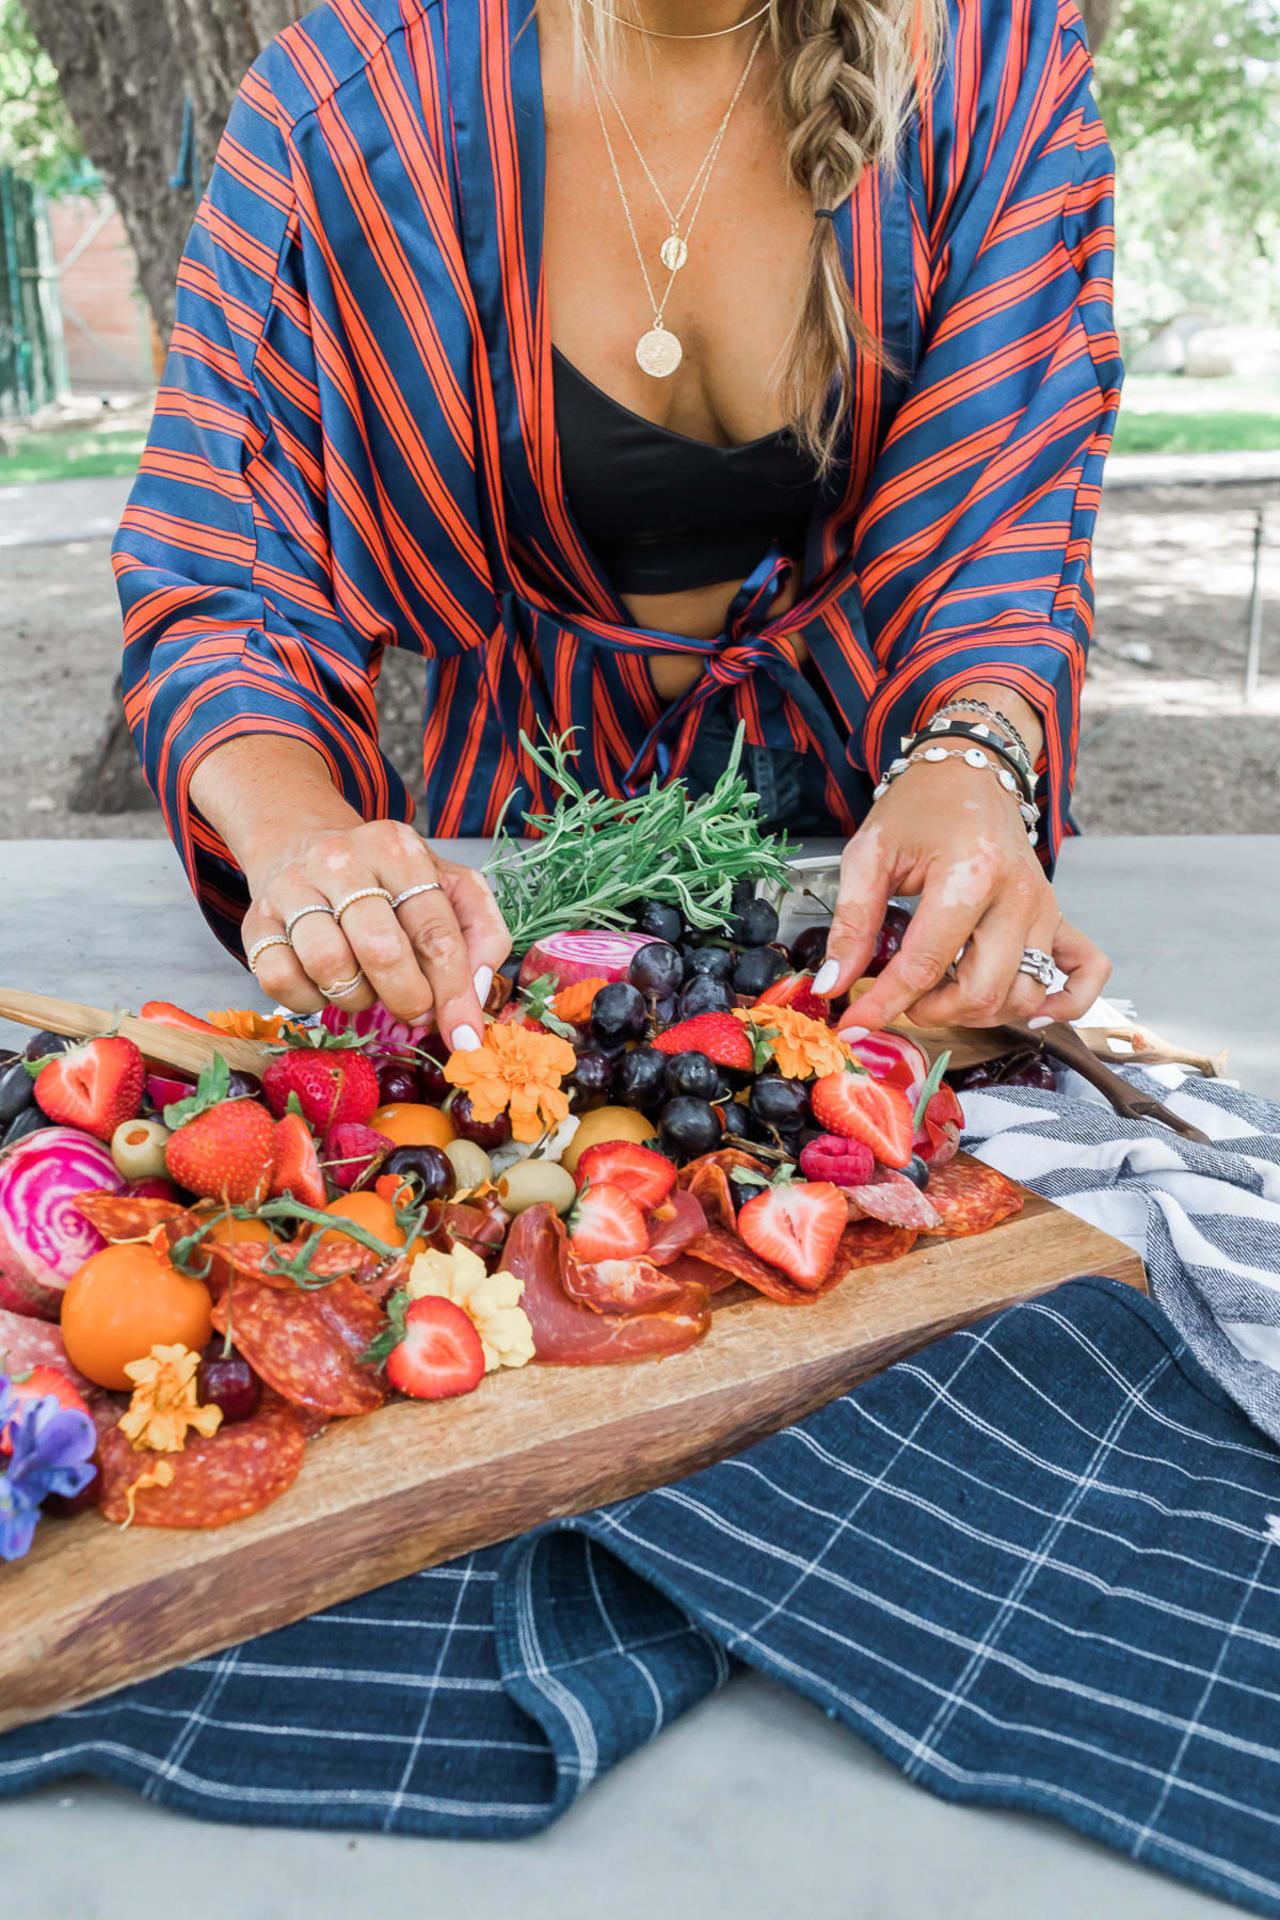 woman arranging fruits & veggies